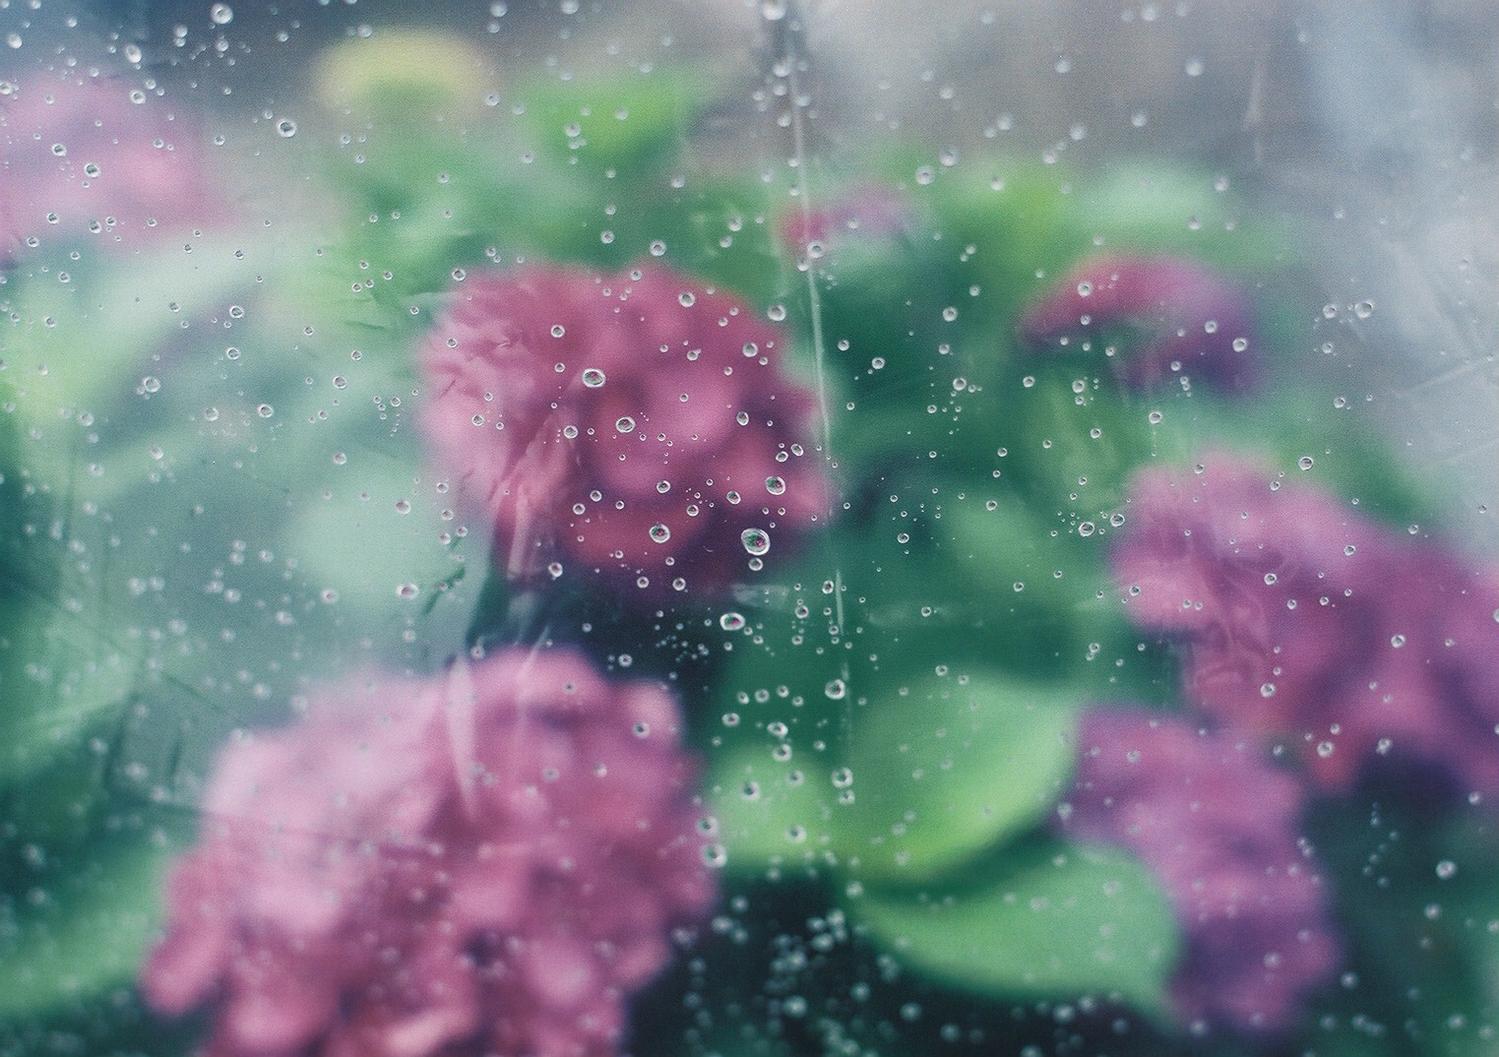 雨、紫陽花…美しいものが集う季節